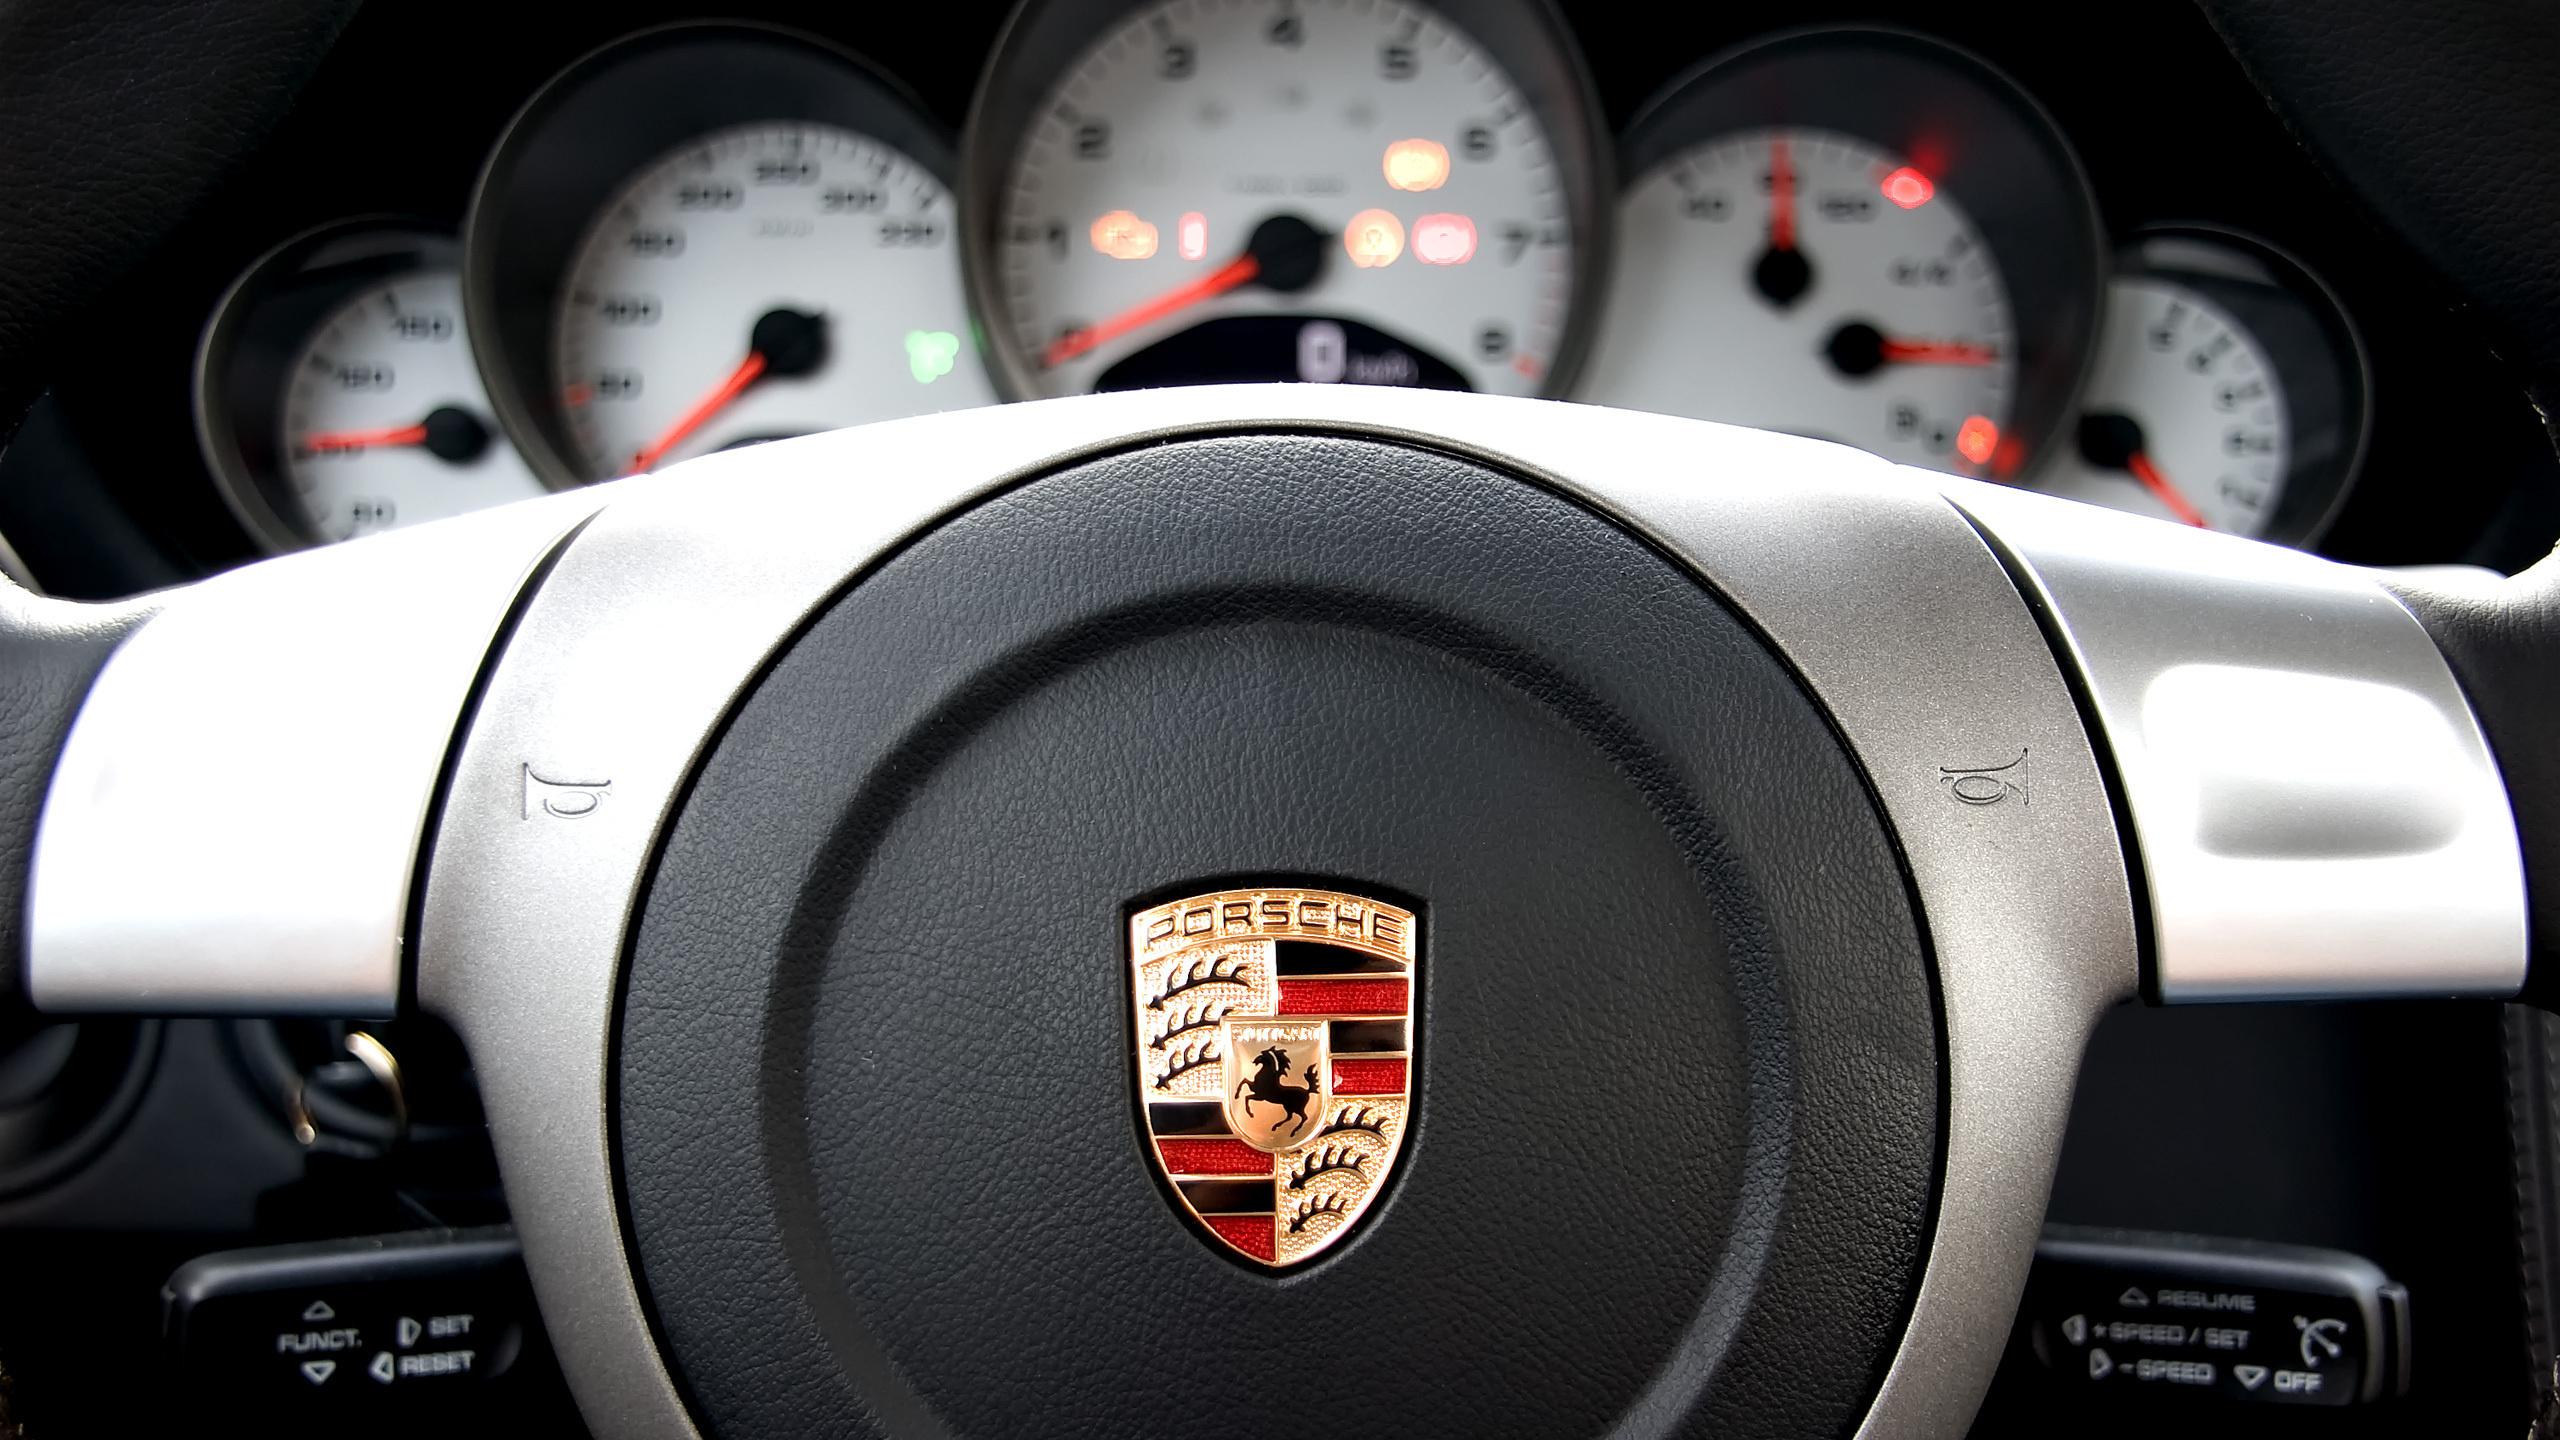 Porsche Hd Wallpaper Background Image 2560x1440 Id 273787 Wallpaper Abyss